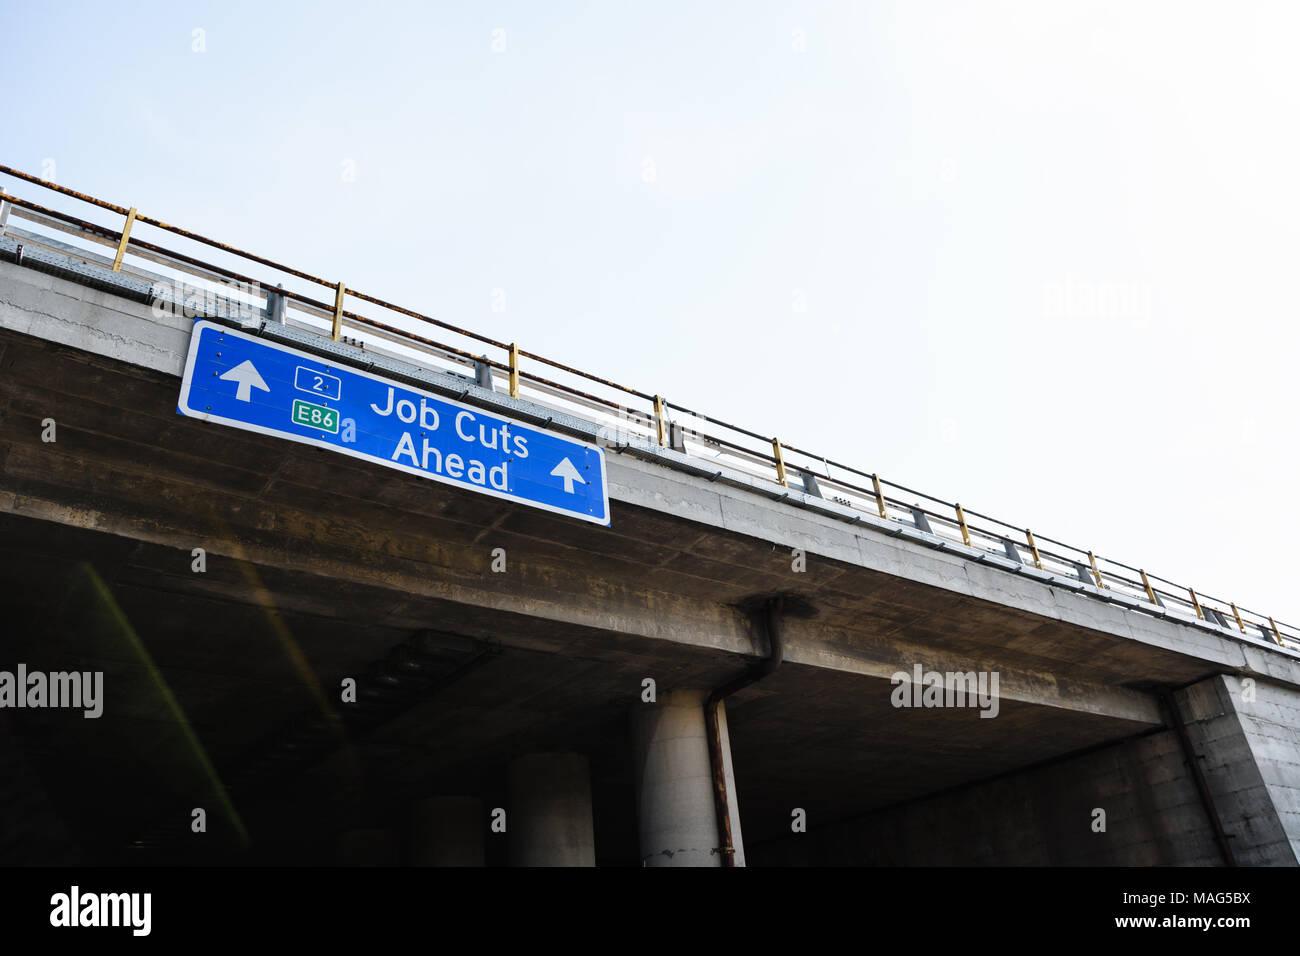 Reducciones de puestos de trabajo por delante Blue Road signo contra el cielo claro Imagen De Stock